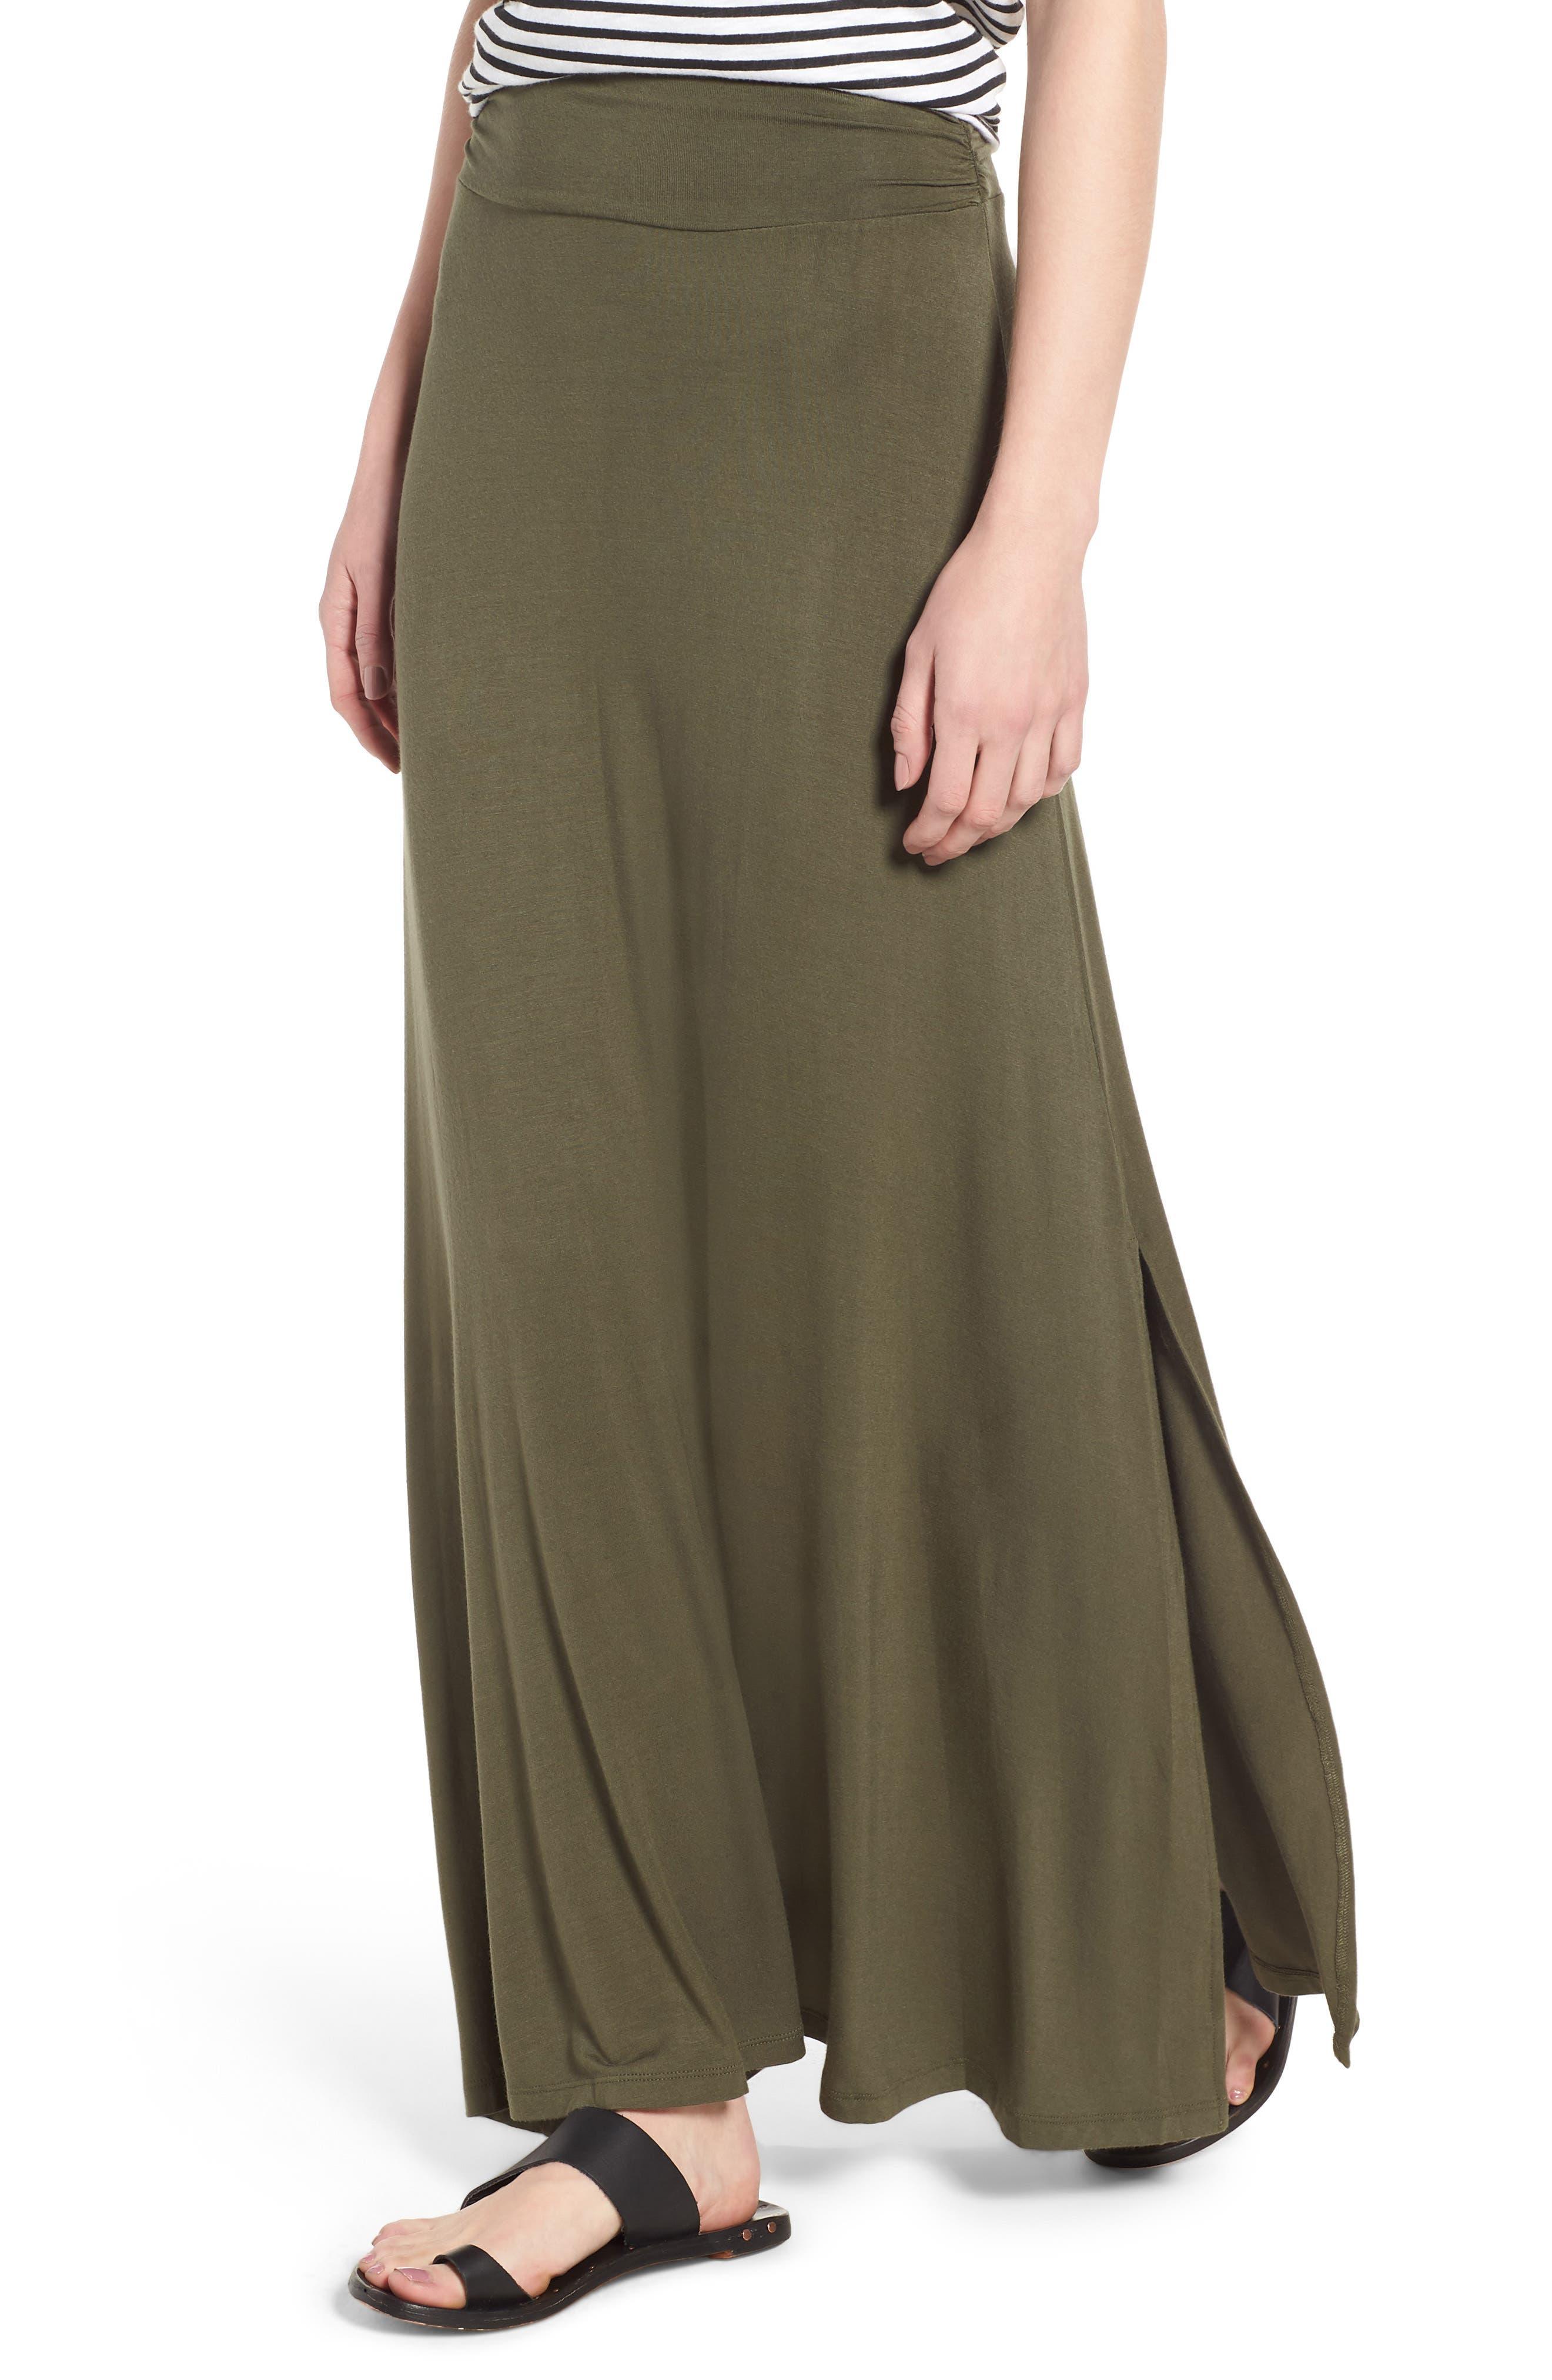 43209cffaa00 Women's Skirts | Nordstrom